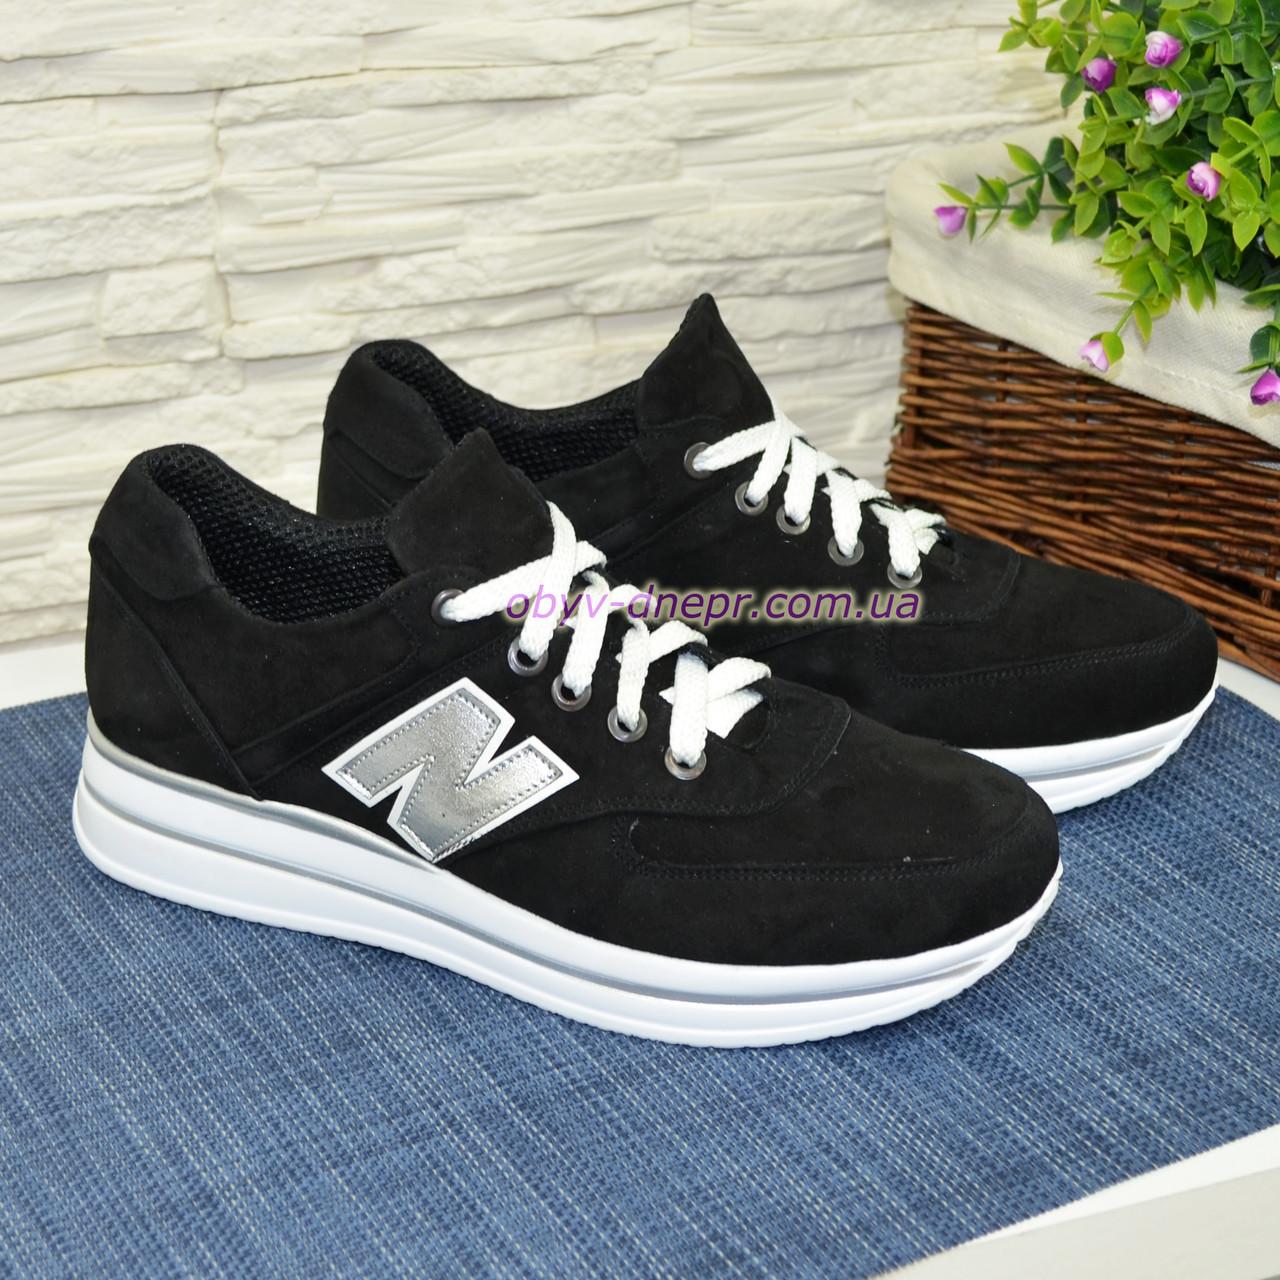 Кроссовки женские замшевые на шнуровке, цвет черный